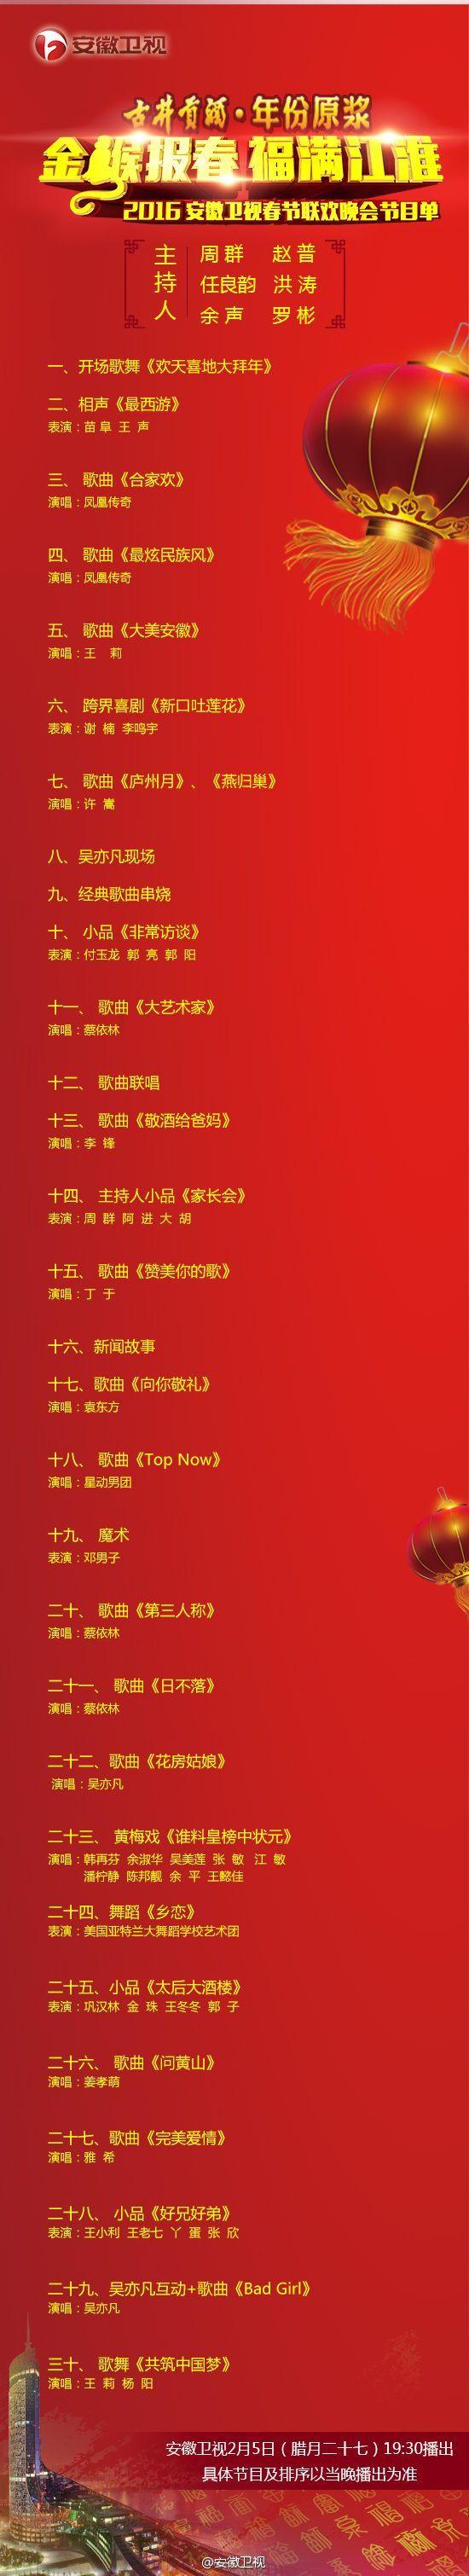 2016各衛視春晚節目單及播出時間公布(圖解)- 北京本圖片